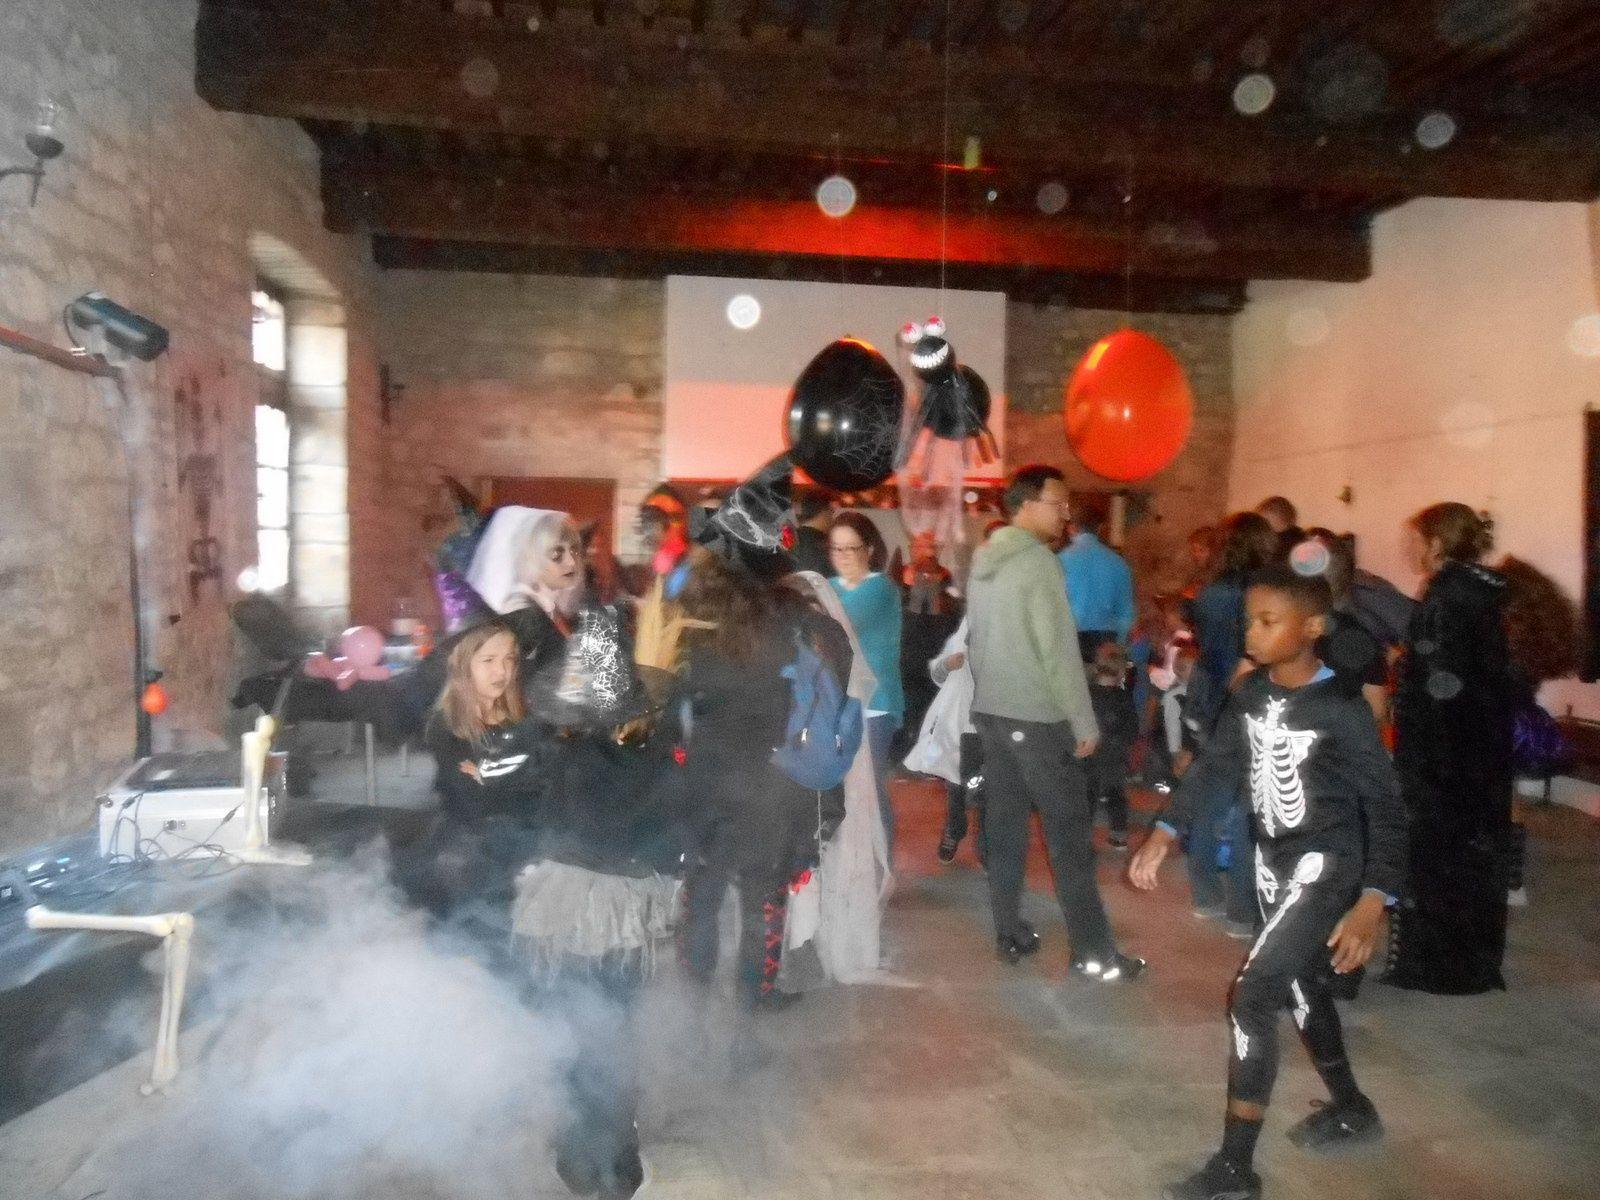 Ambiance mystérieuse dans la salle des fêtes du château de Castrevieille, décorée aux couleurs d'Halloween.